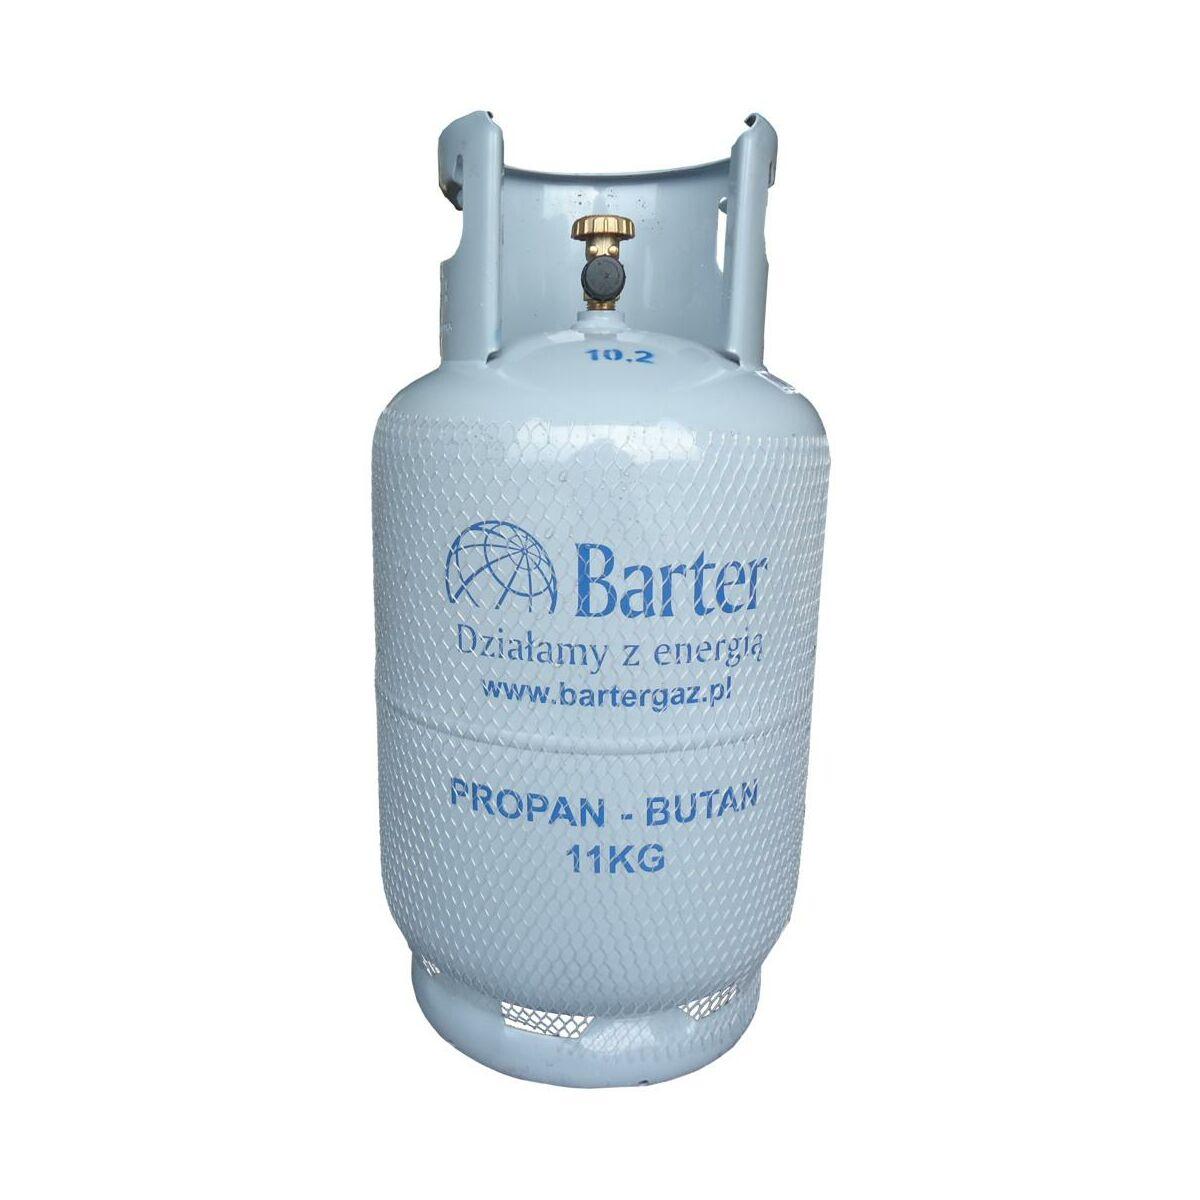 Bardzo dobra Gaz PROPAN BUTAN - Butle gazowe - w atrakcyjnej cenie w sklepach ZY33